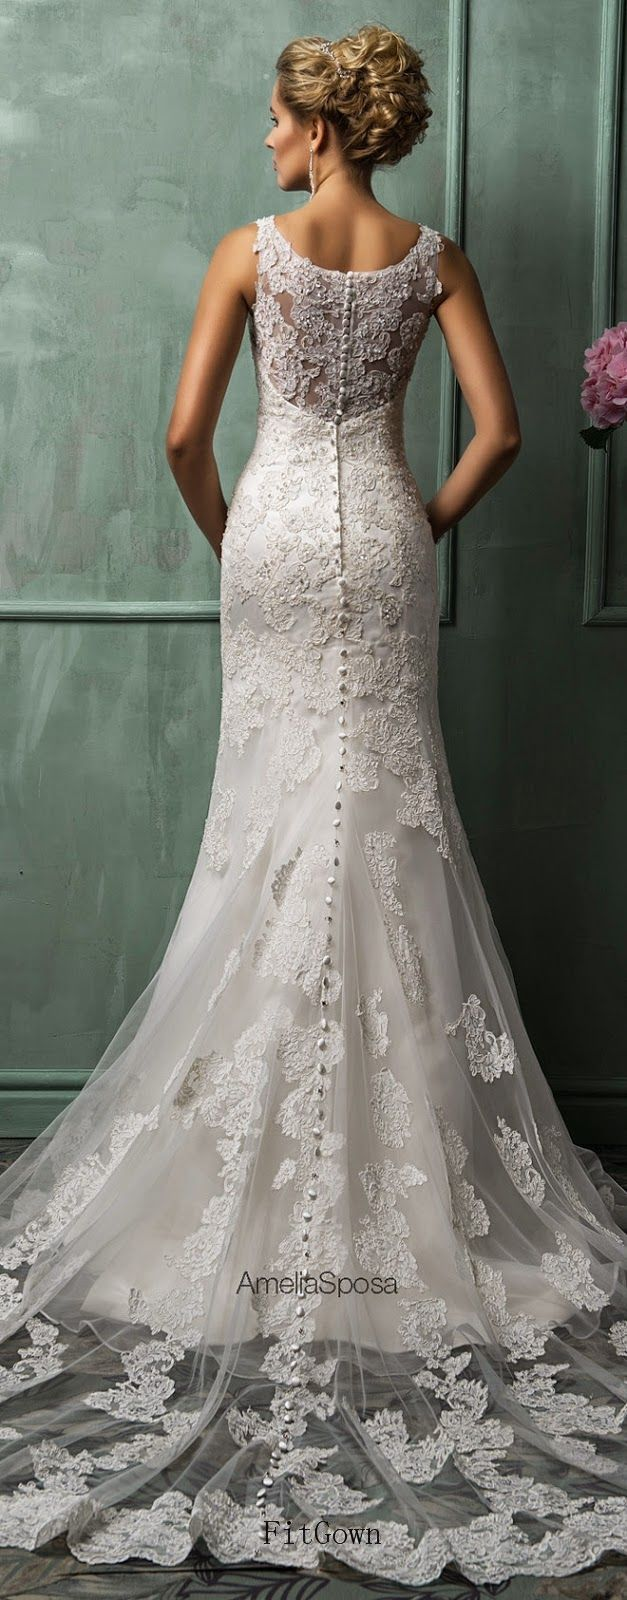 gorgeous bride wedding dress | Hochzeitskleid, Braut und ...